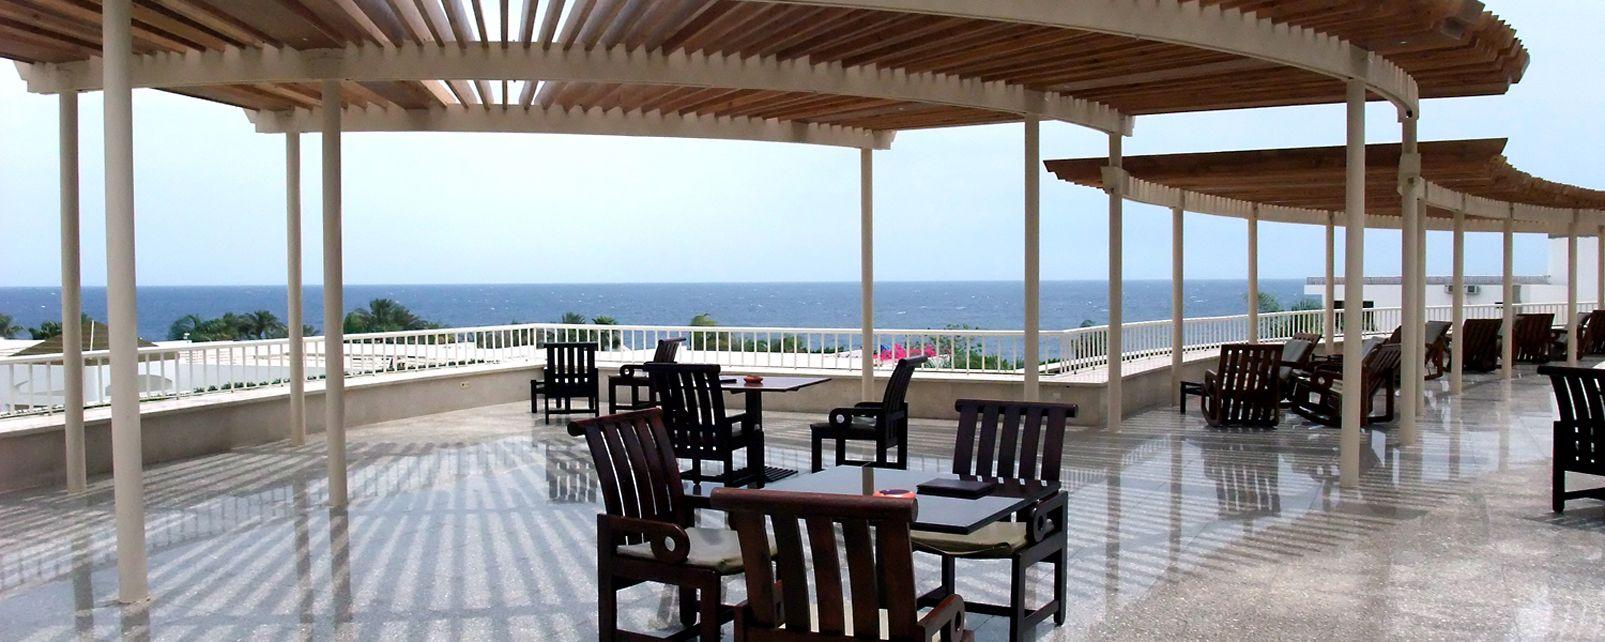 Hotel Ritz Carlton Sharm el Sheikh